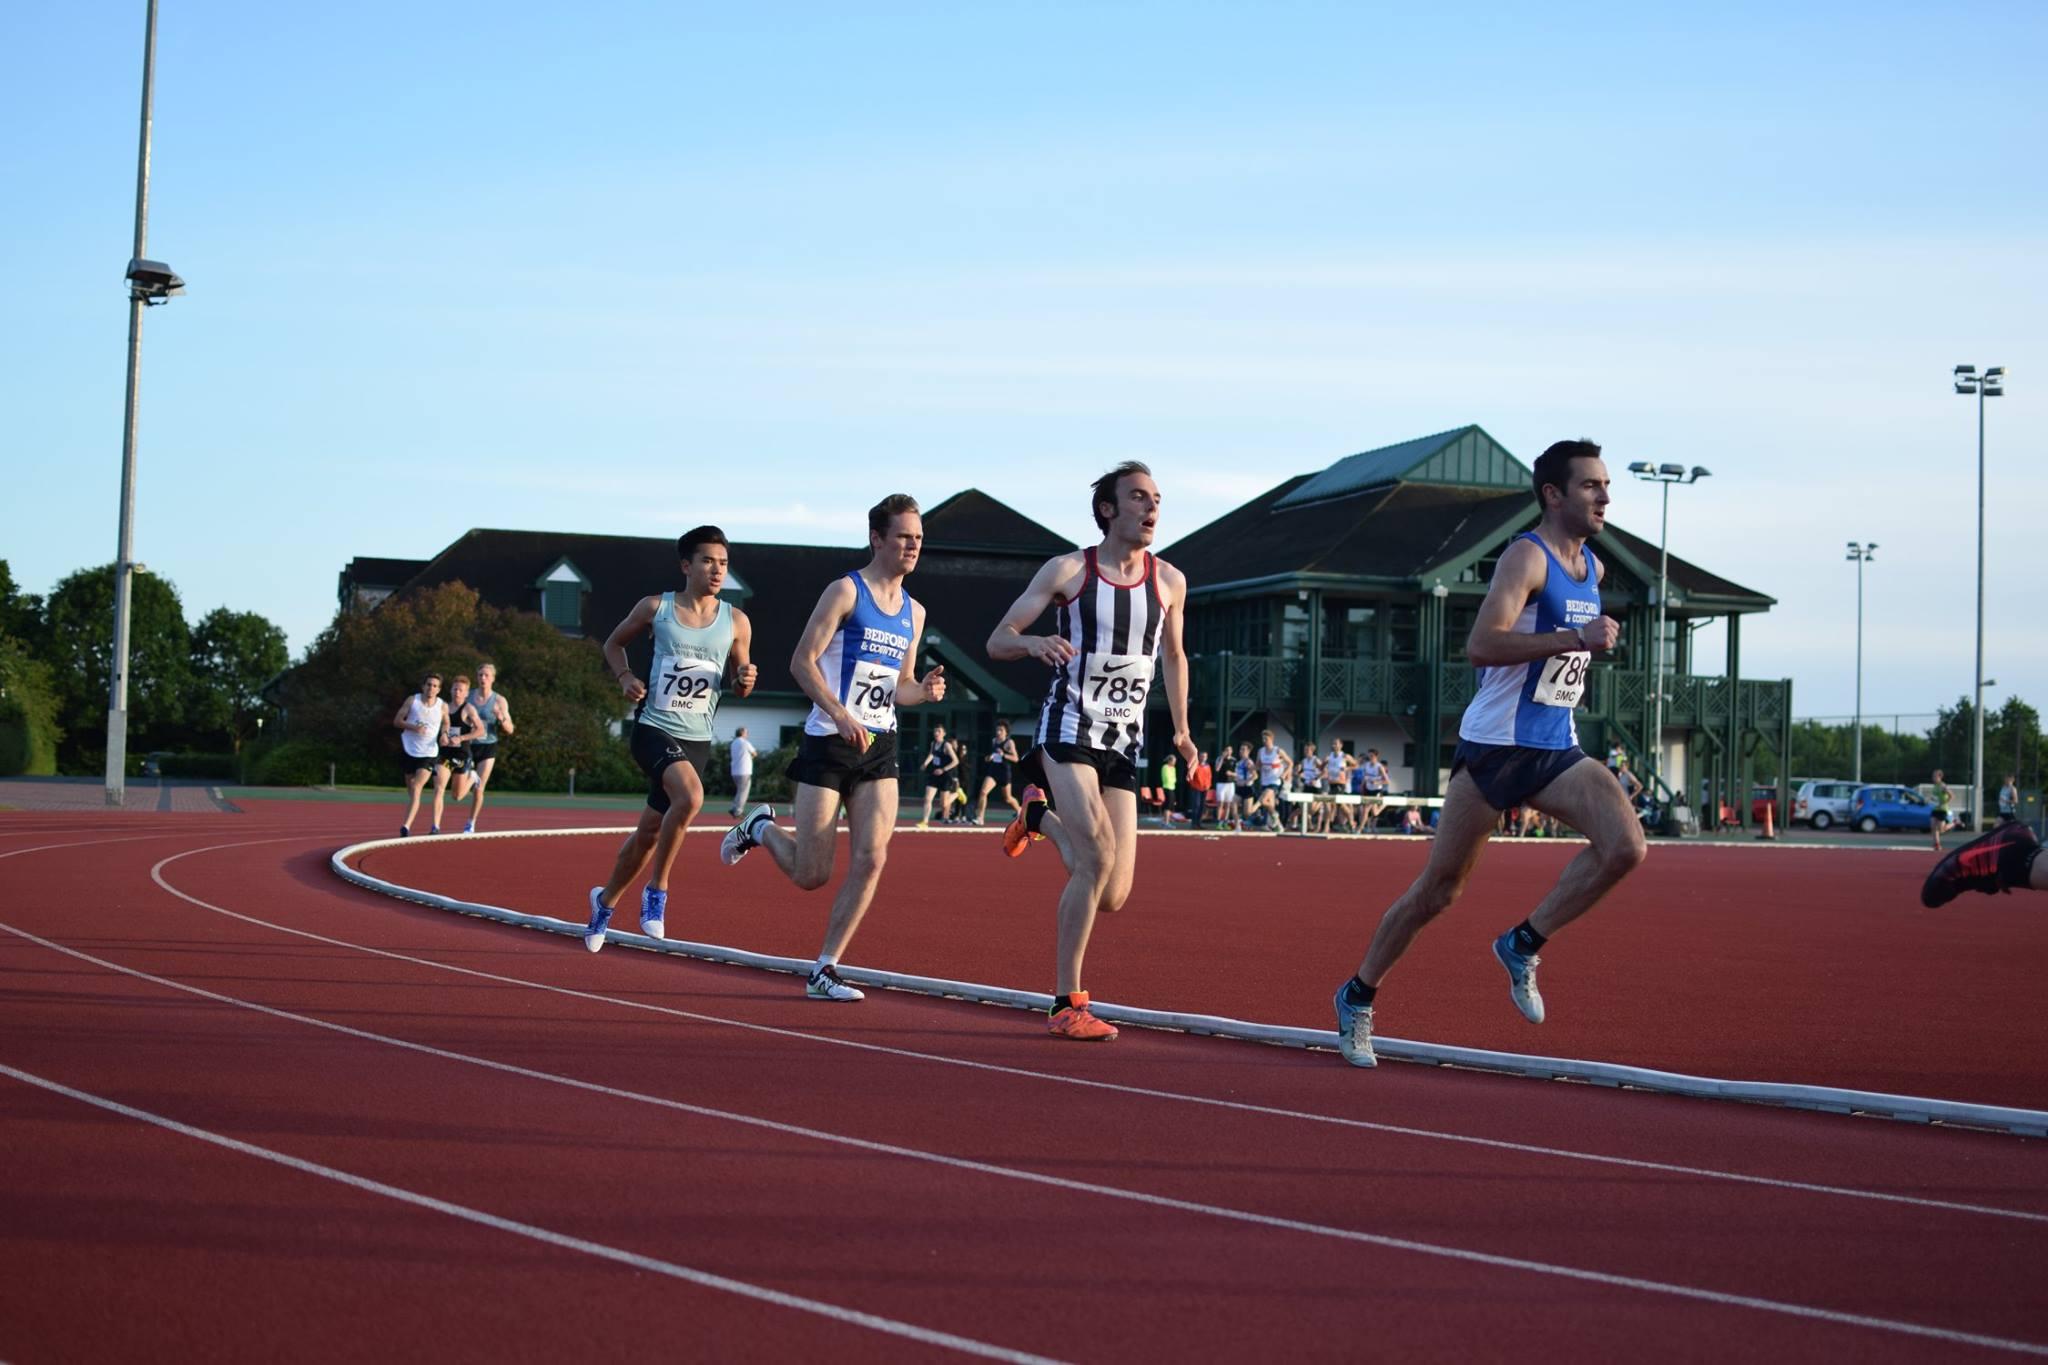 men's 3000m